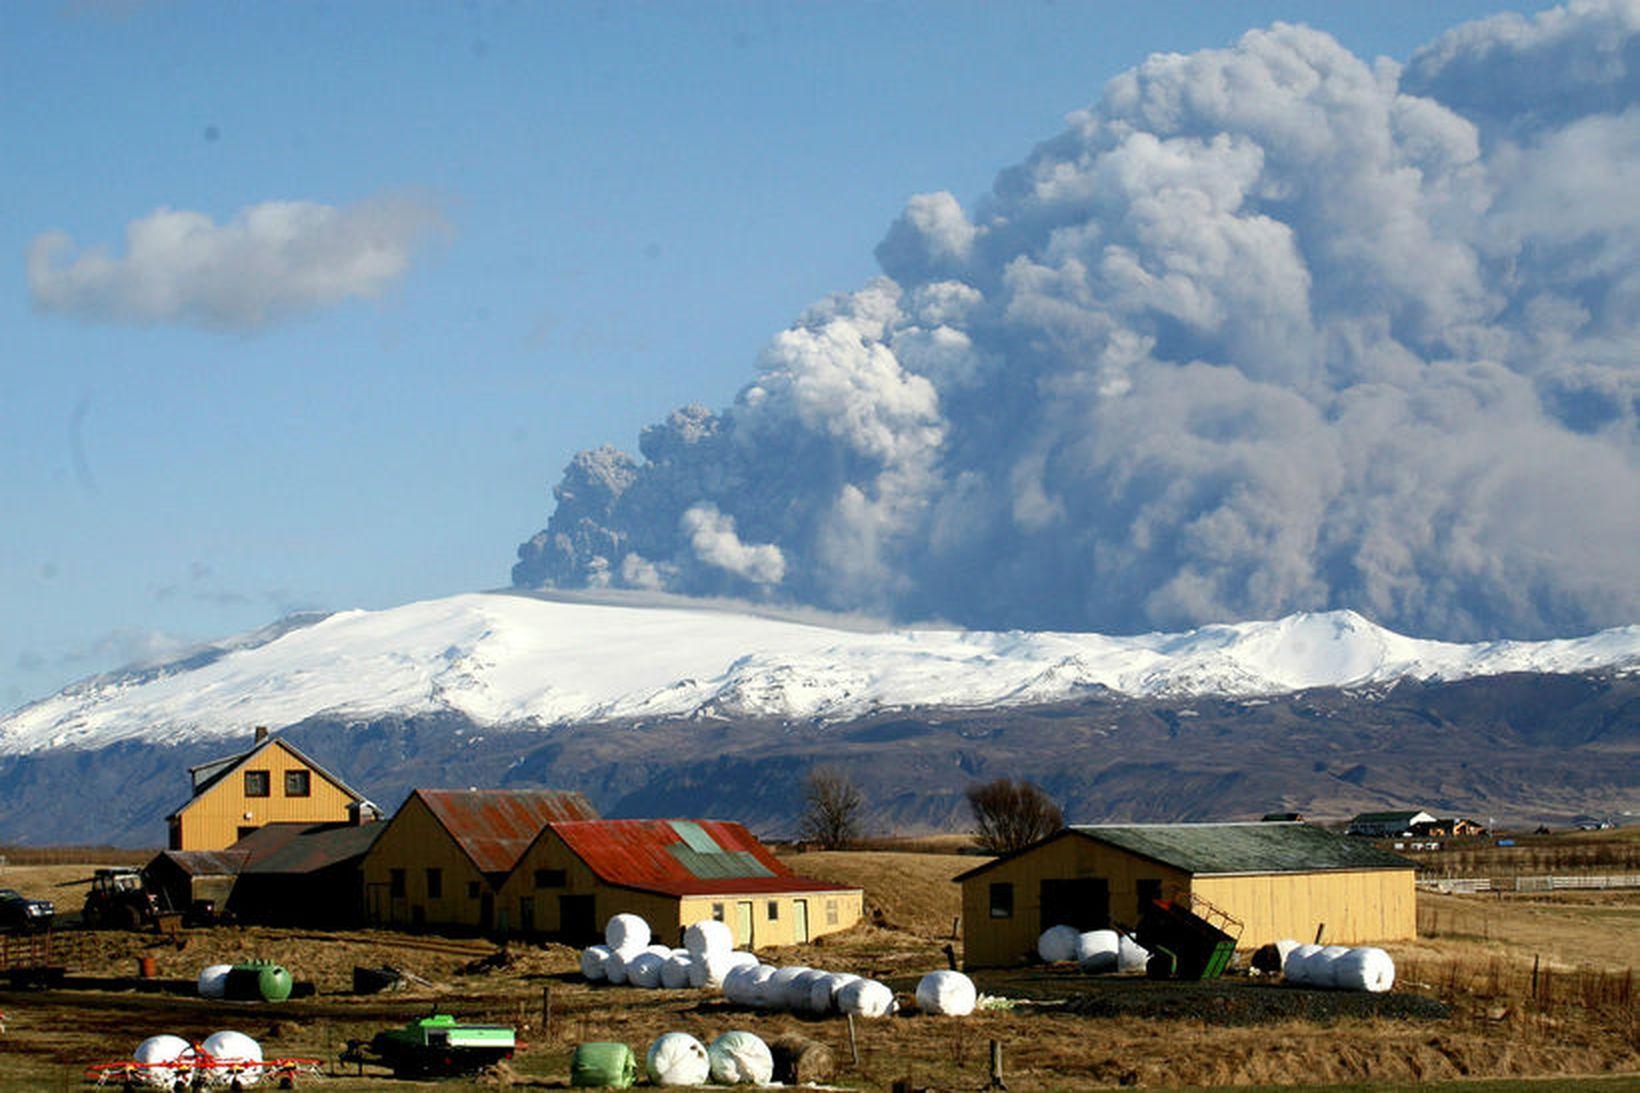 Í Eyjafjallagosinu árið 2010. Veðurstofa Íslands gegnir yfirgripsmiklu eftirlitshlutverki með …